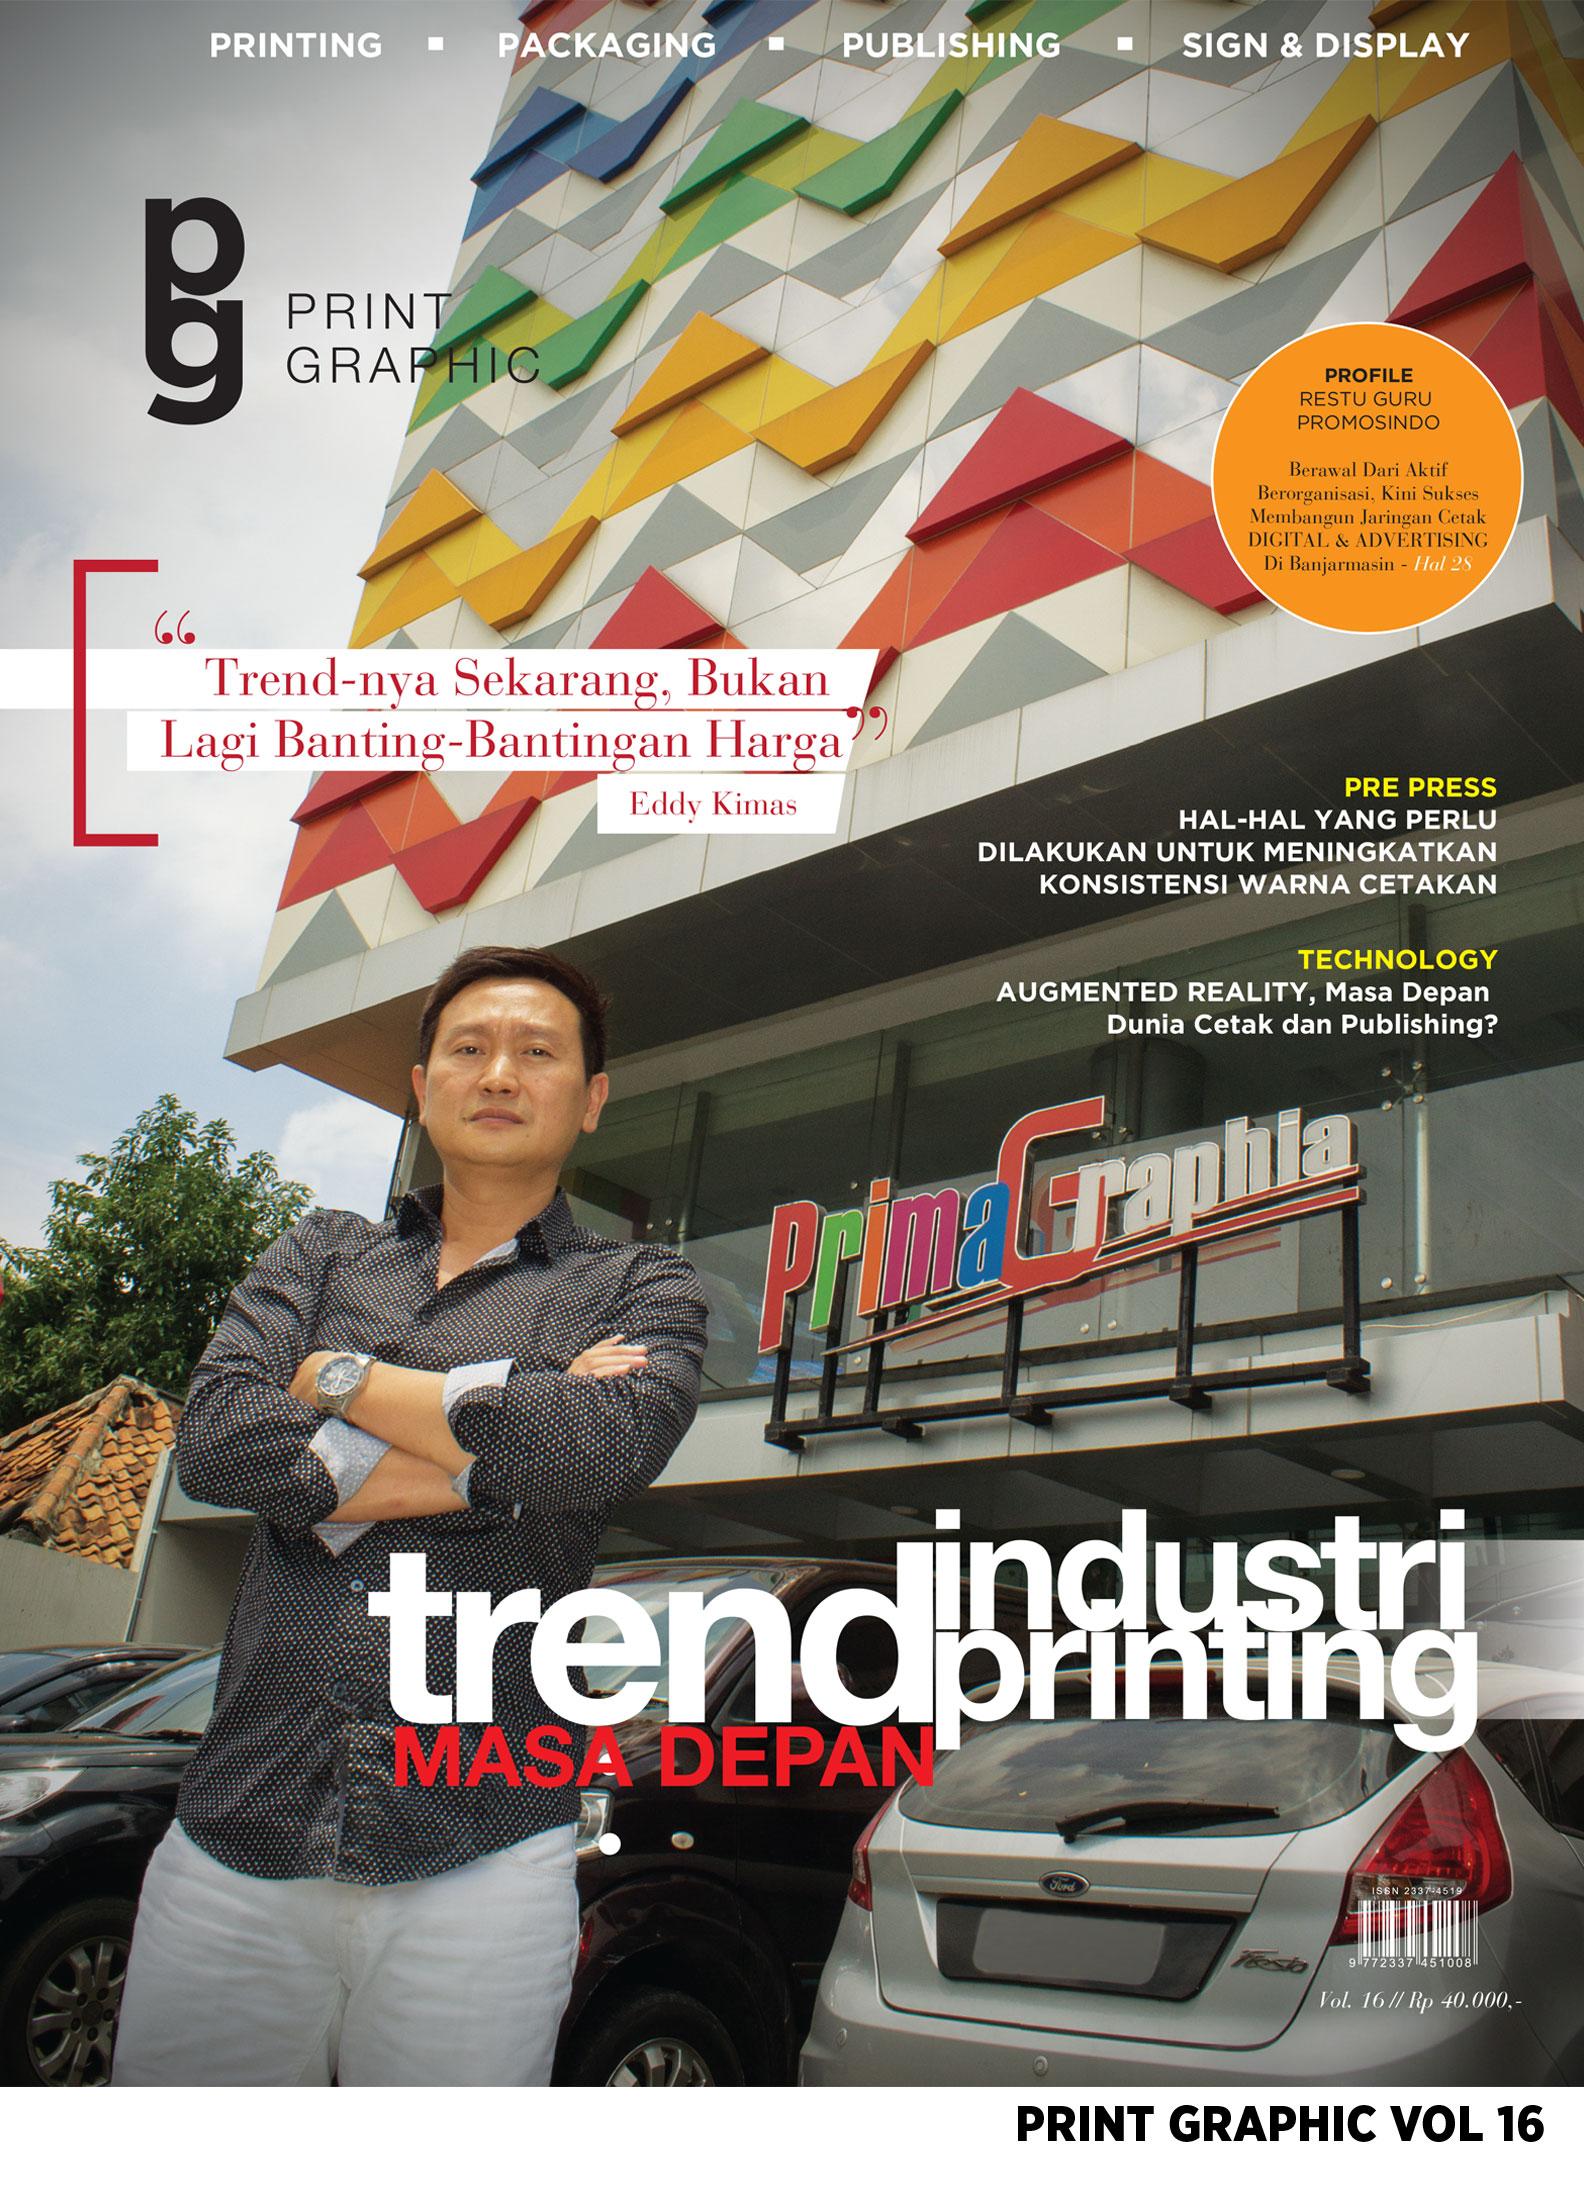 Trend/Masa Depan Industri Printing